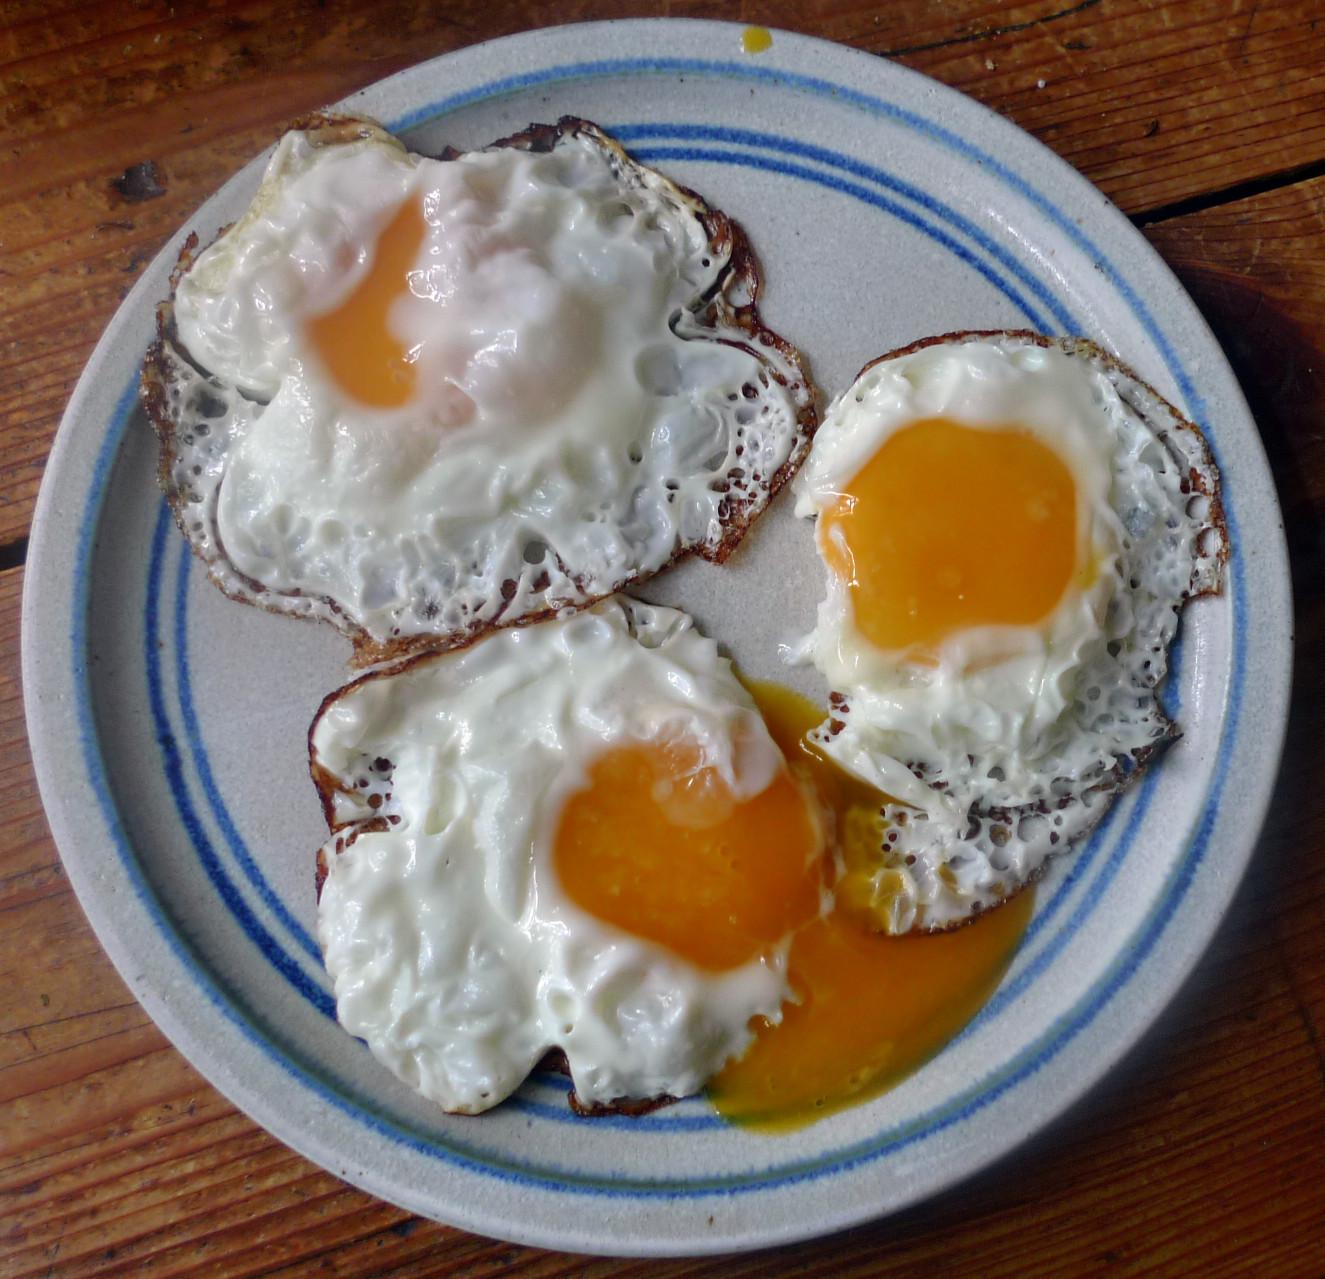 Bratkartoffel,Spiegelei,Fenchelsalat - 24.2.15   (7)